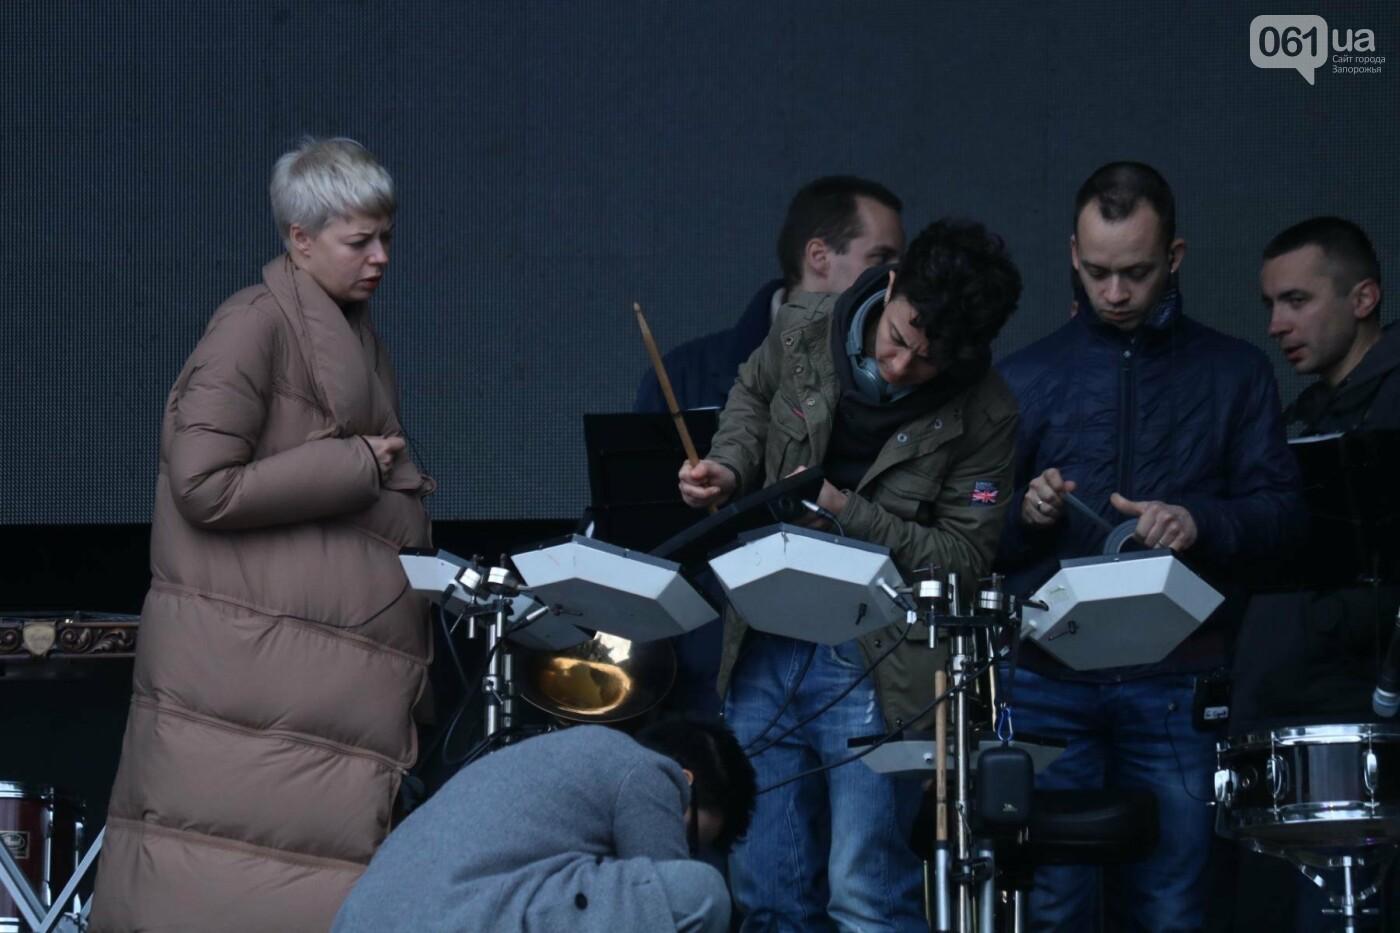 В парке Трудовой славы Onuka провела саундчек перед вечерним концертом, - ФОТО , фото-9